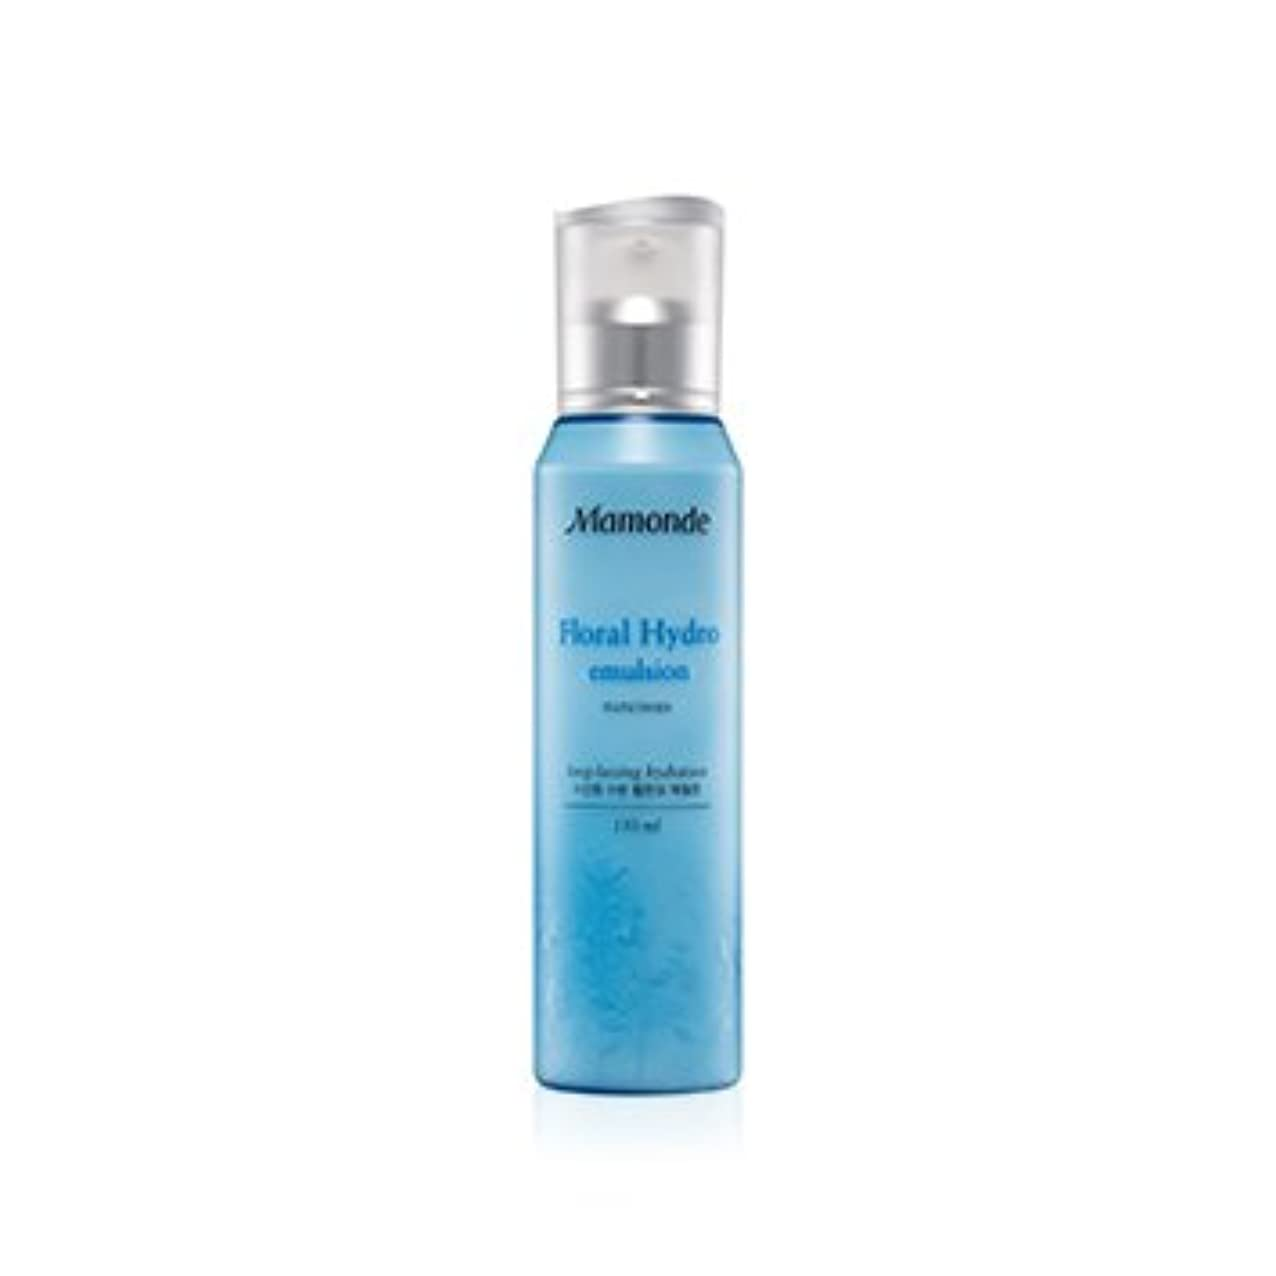 永久に新年放映[2017 New] Mamonde Floral Hydro Emulsion 150ml/マモンド フローラル ハイドロ エマルジョン 150ml [並行輸入品]